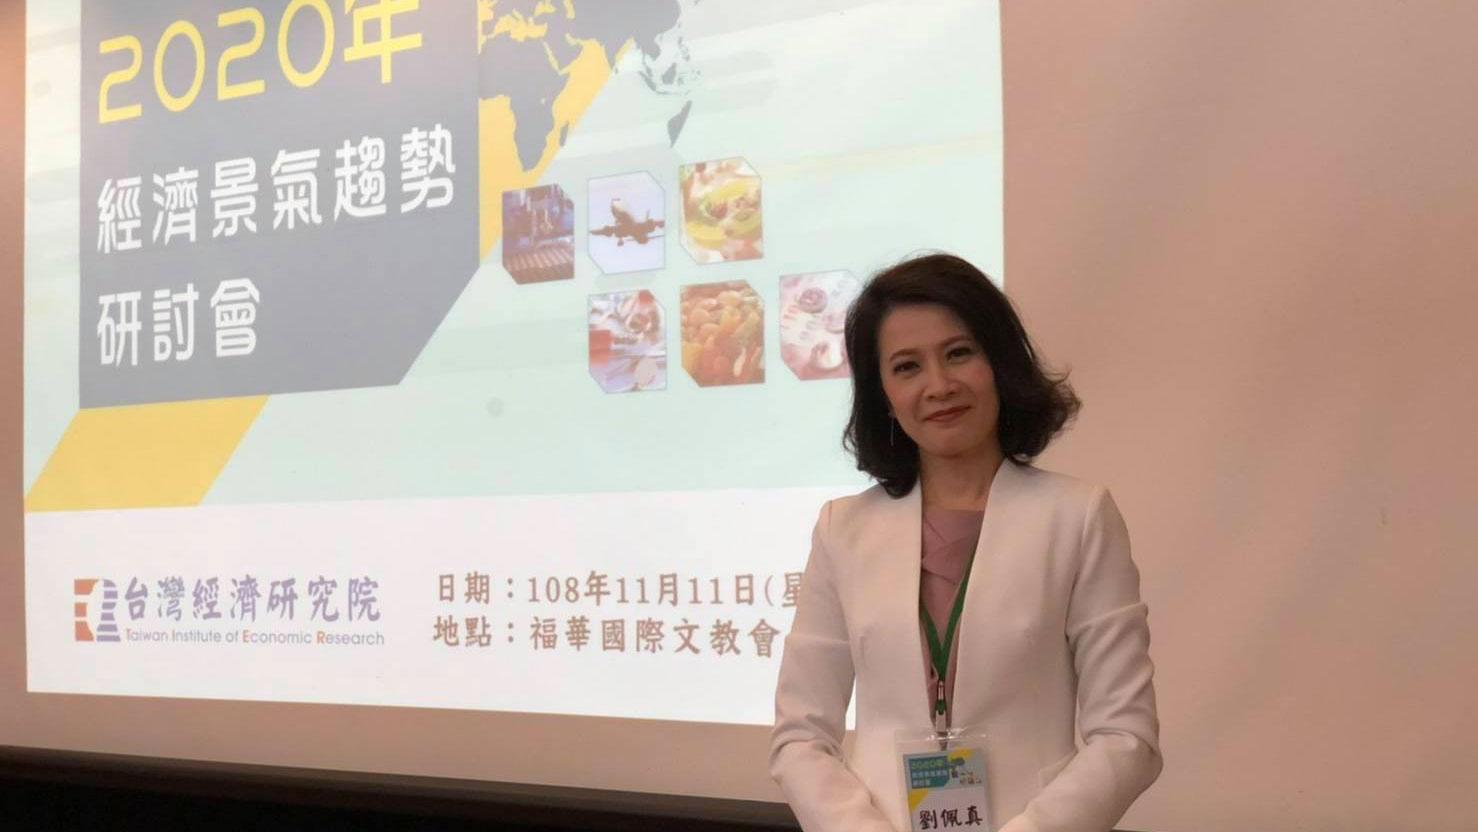 台湾经济研究院产经研究员刘佩真(刘佩真脸书)